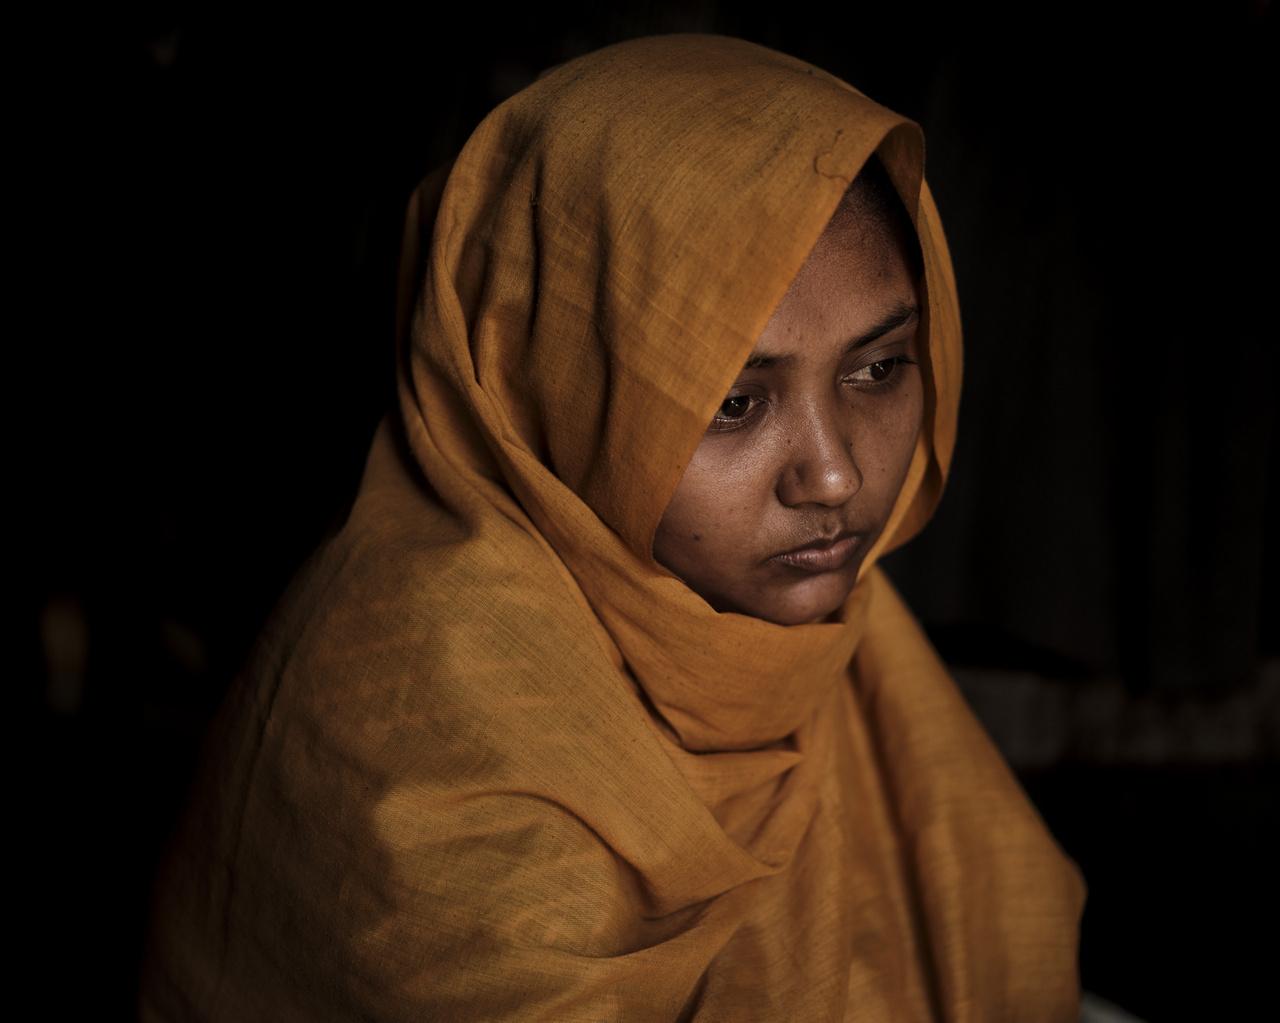 A 20 éves Shafika a Tula Toli faluban történt mészárlás egyik túlélője. Három hónapja voltak házasok a férjével, aki csatlakozott a hadsereg ellen botokkal felvonuló falusiakhoz azon a napon, amikor a falujukat lerombolták. A férjét lelőtték a többi falubelivel együtt.